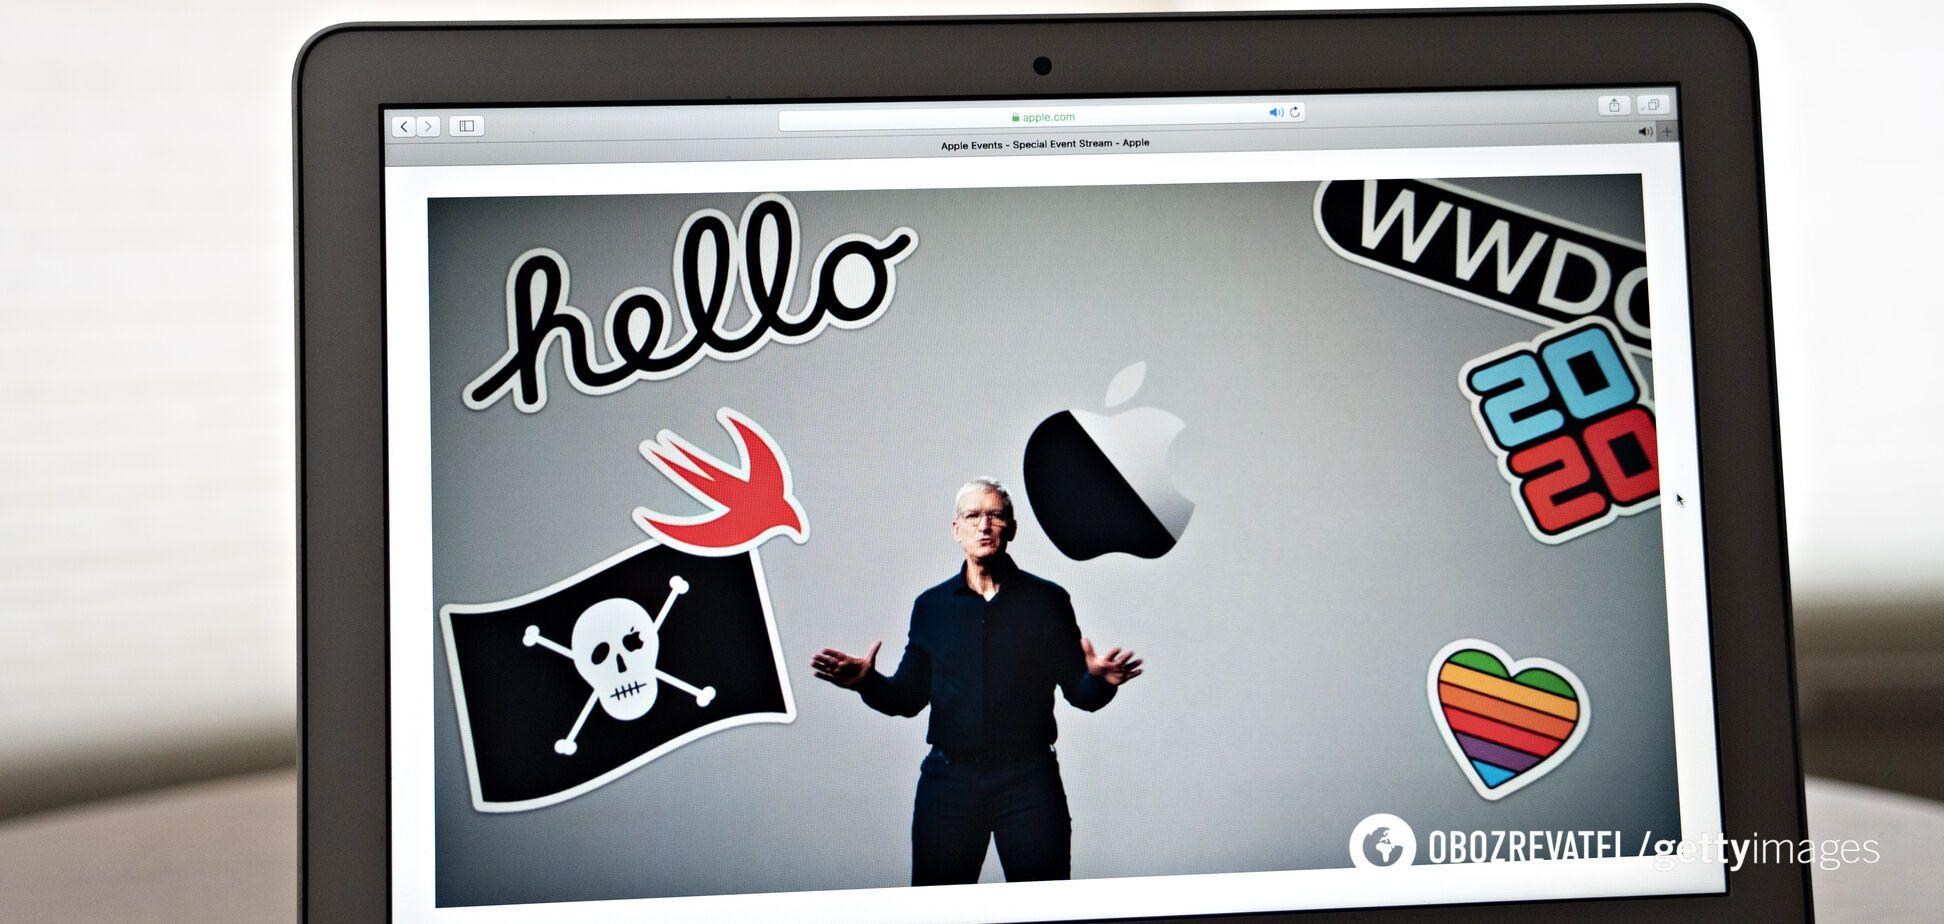 В iPhone появятся виджеты, а AirPods будут сами переключаться: Apple анонсировала грандиозные перемены